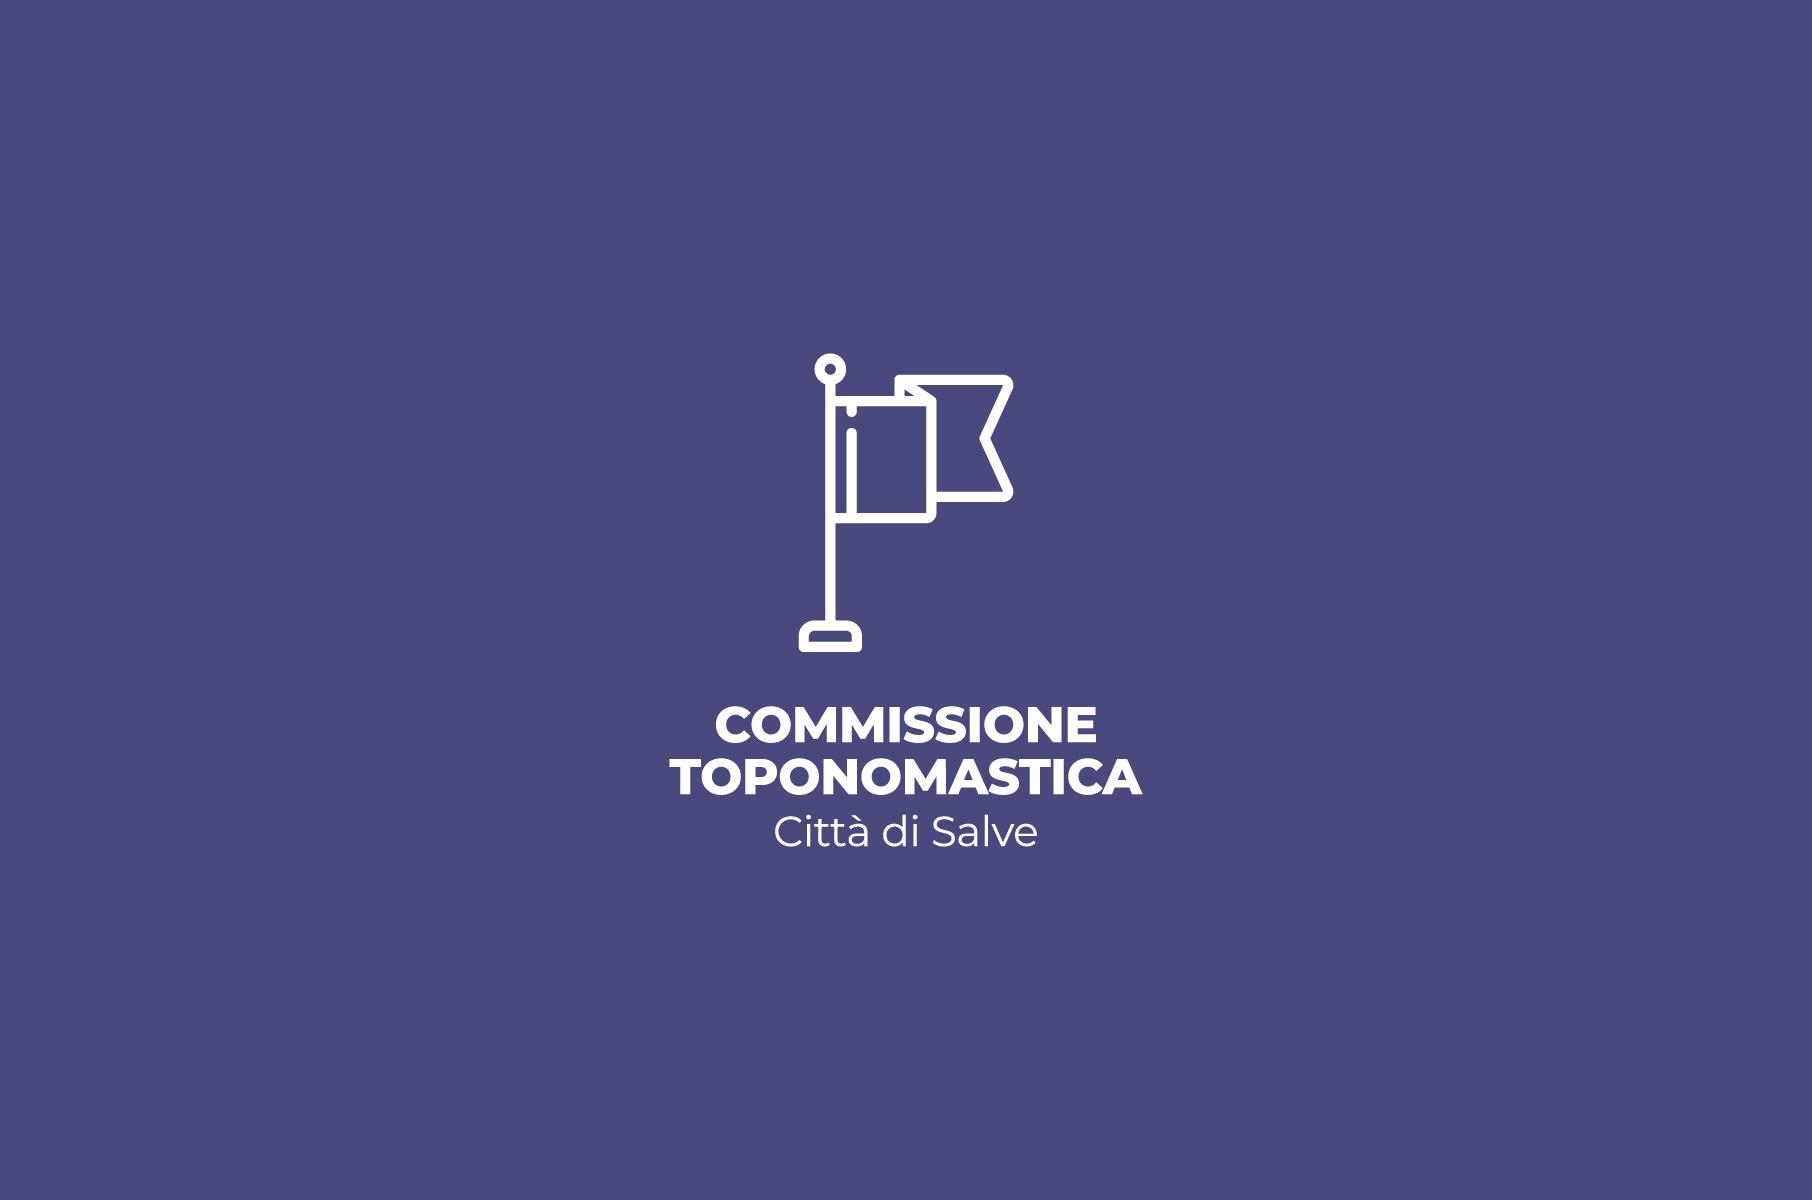 Commissione Toponomastica Comune di Salve